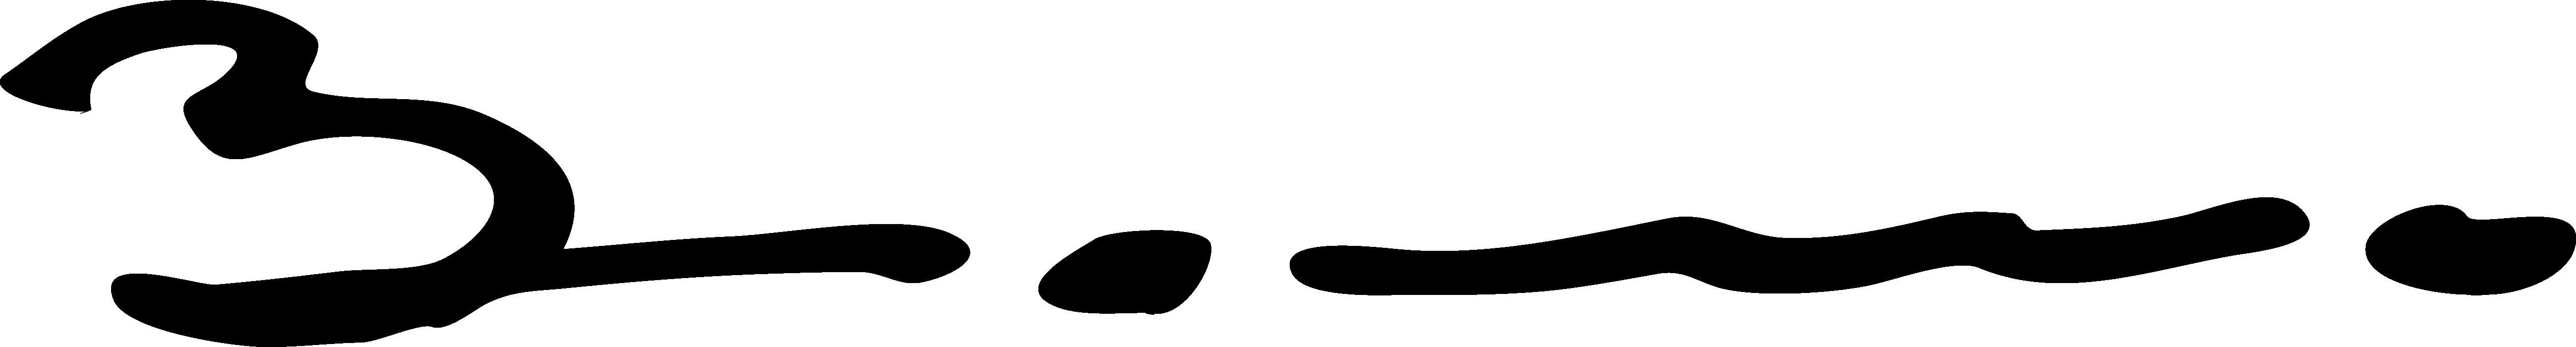 Wilfredo calvo Signature